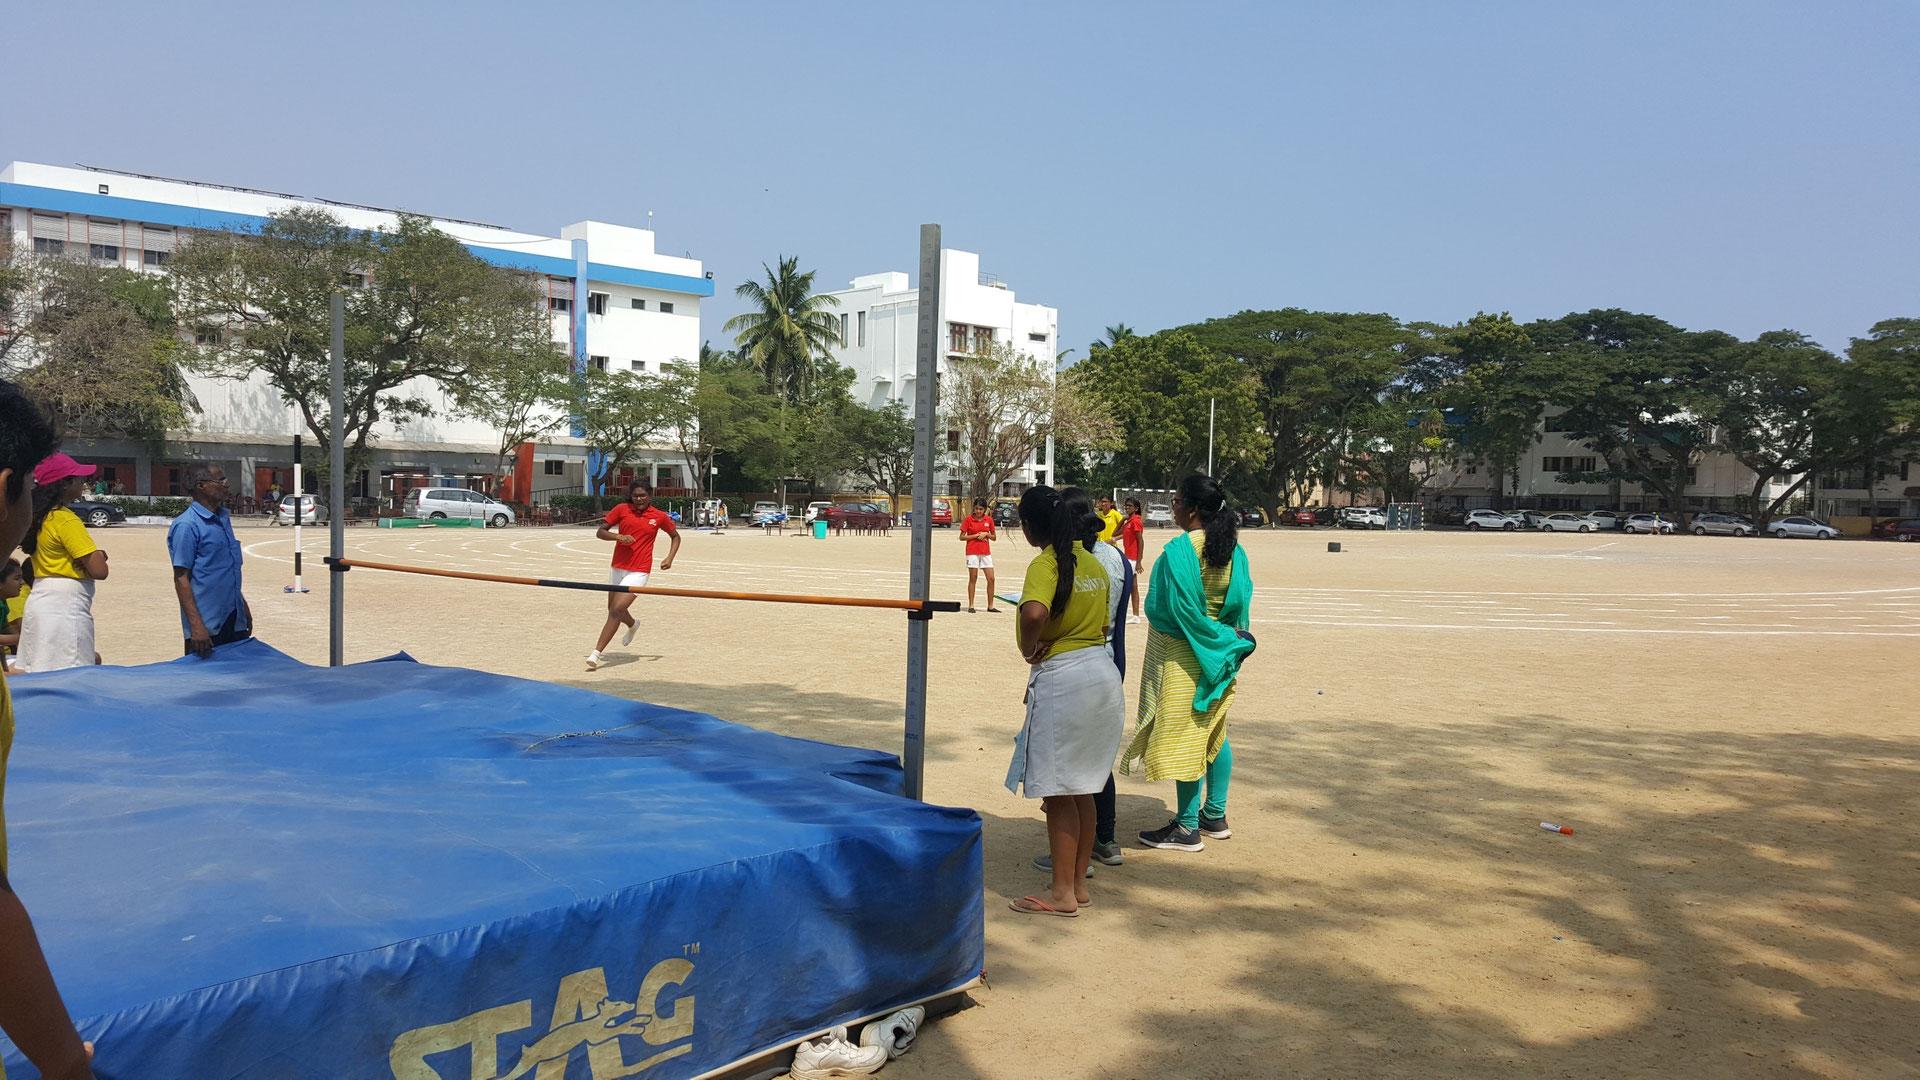 Chennai rencontres App